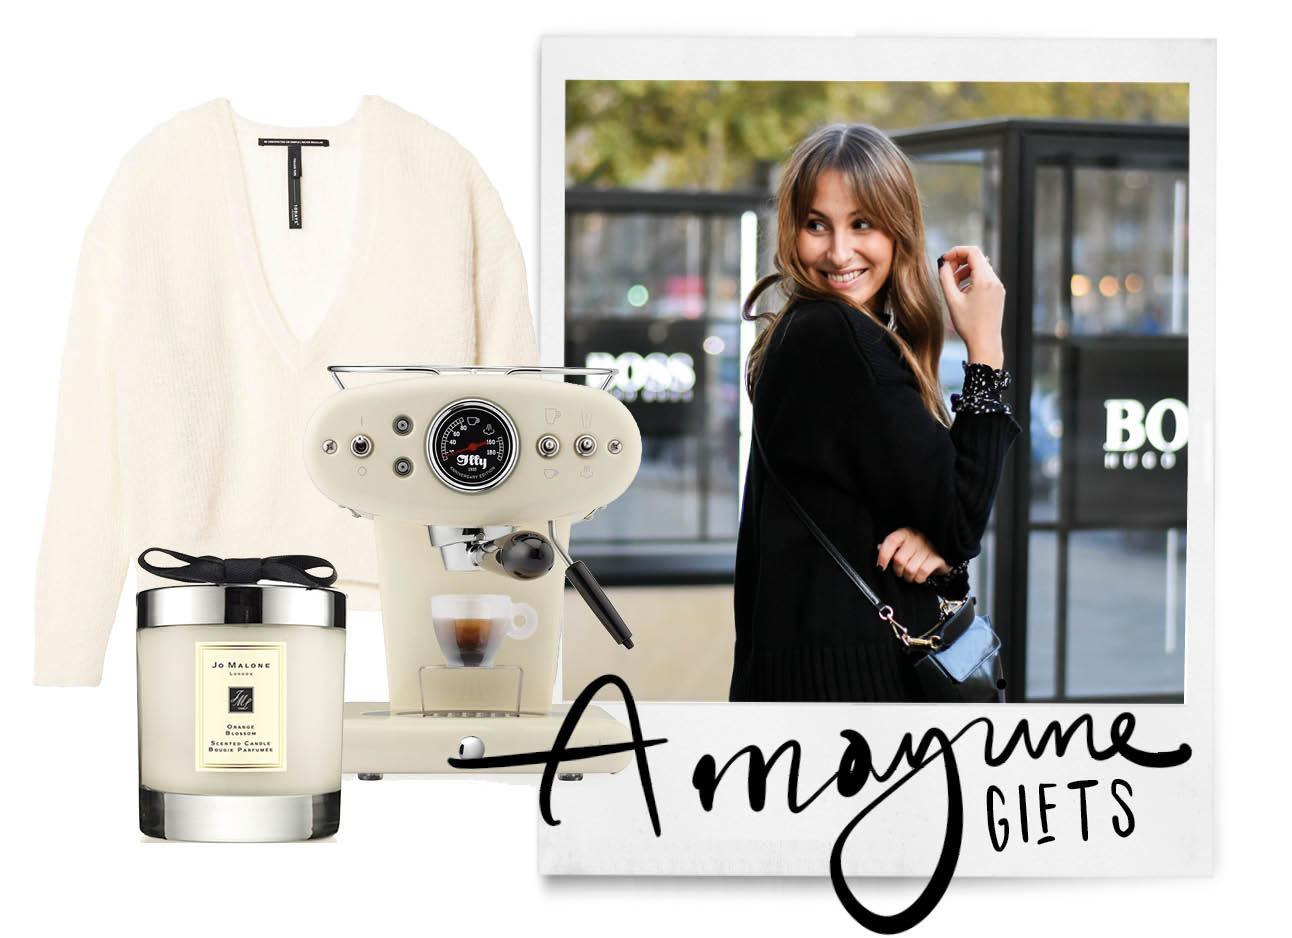 lilian lachend buiten voor de look of the day met gifts Jo Malone geurkaars koffie zet apparaat en trui van 10days